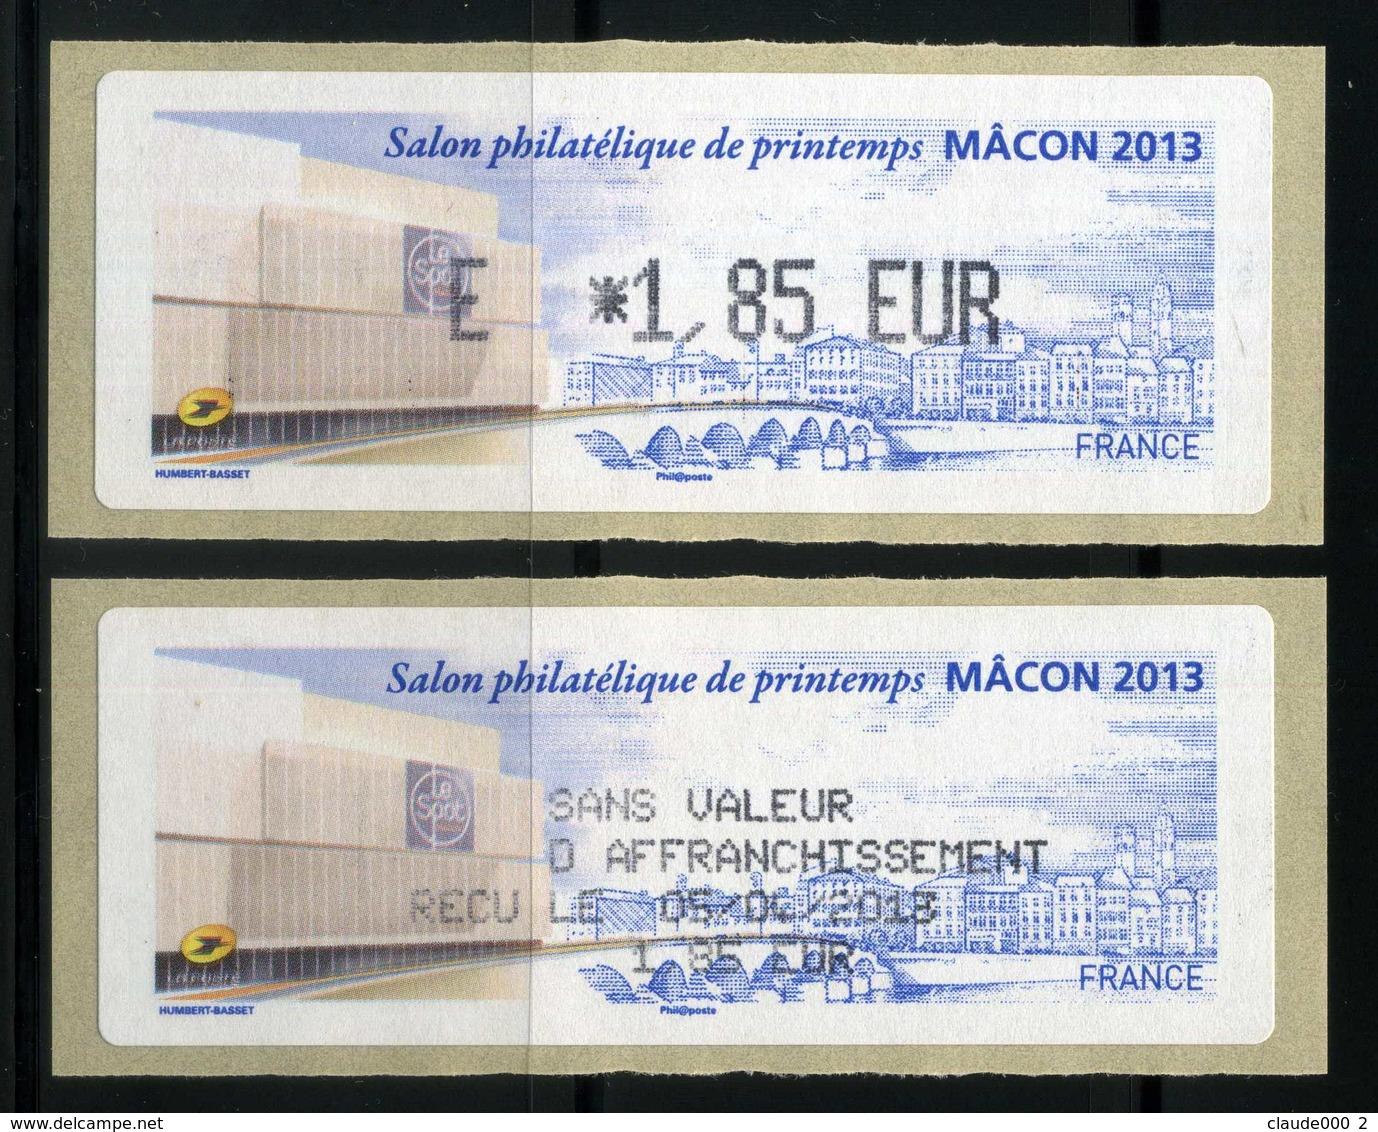 LISA 1,85e   SALON PHILATELIQUE DE PRINTEMPS  MACON 2013  NEUVE ** - 2010-... Geïllustreerde Frankeervignetten